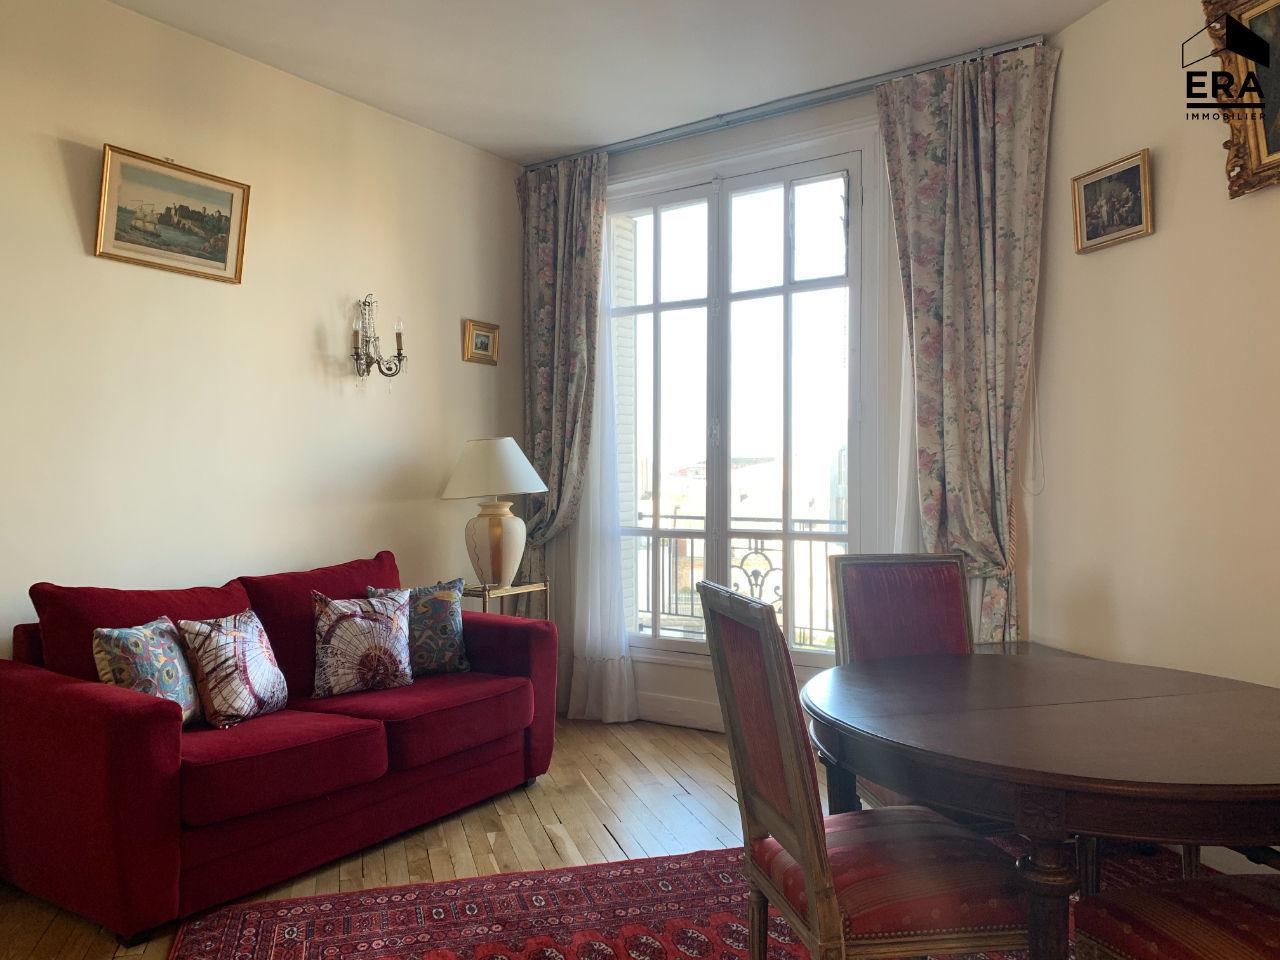 Appartement a louer boulogne-billancourt - 3 pièce(s) - 61.76 m2 - Surfyn